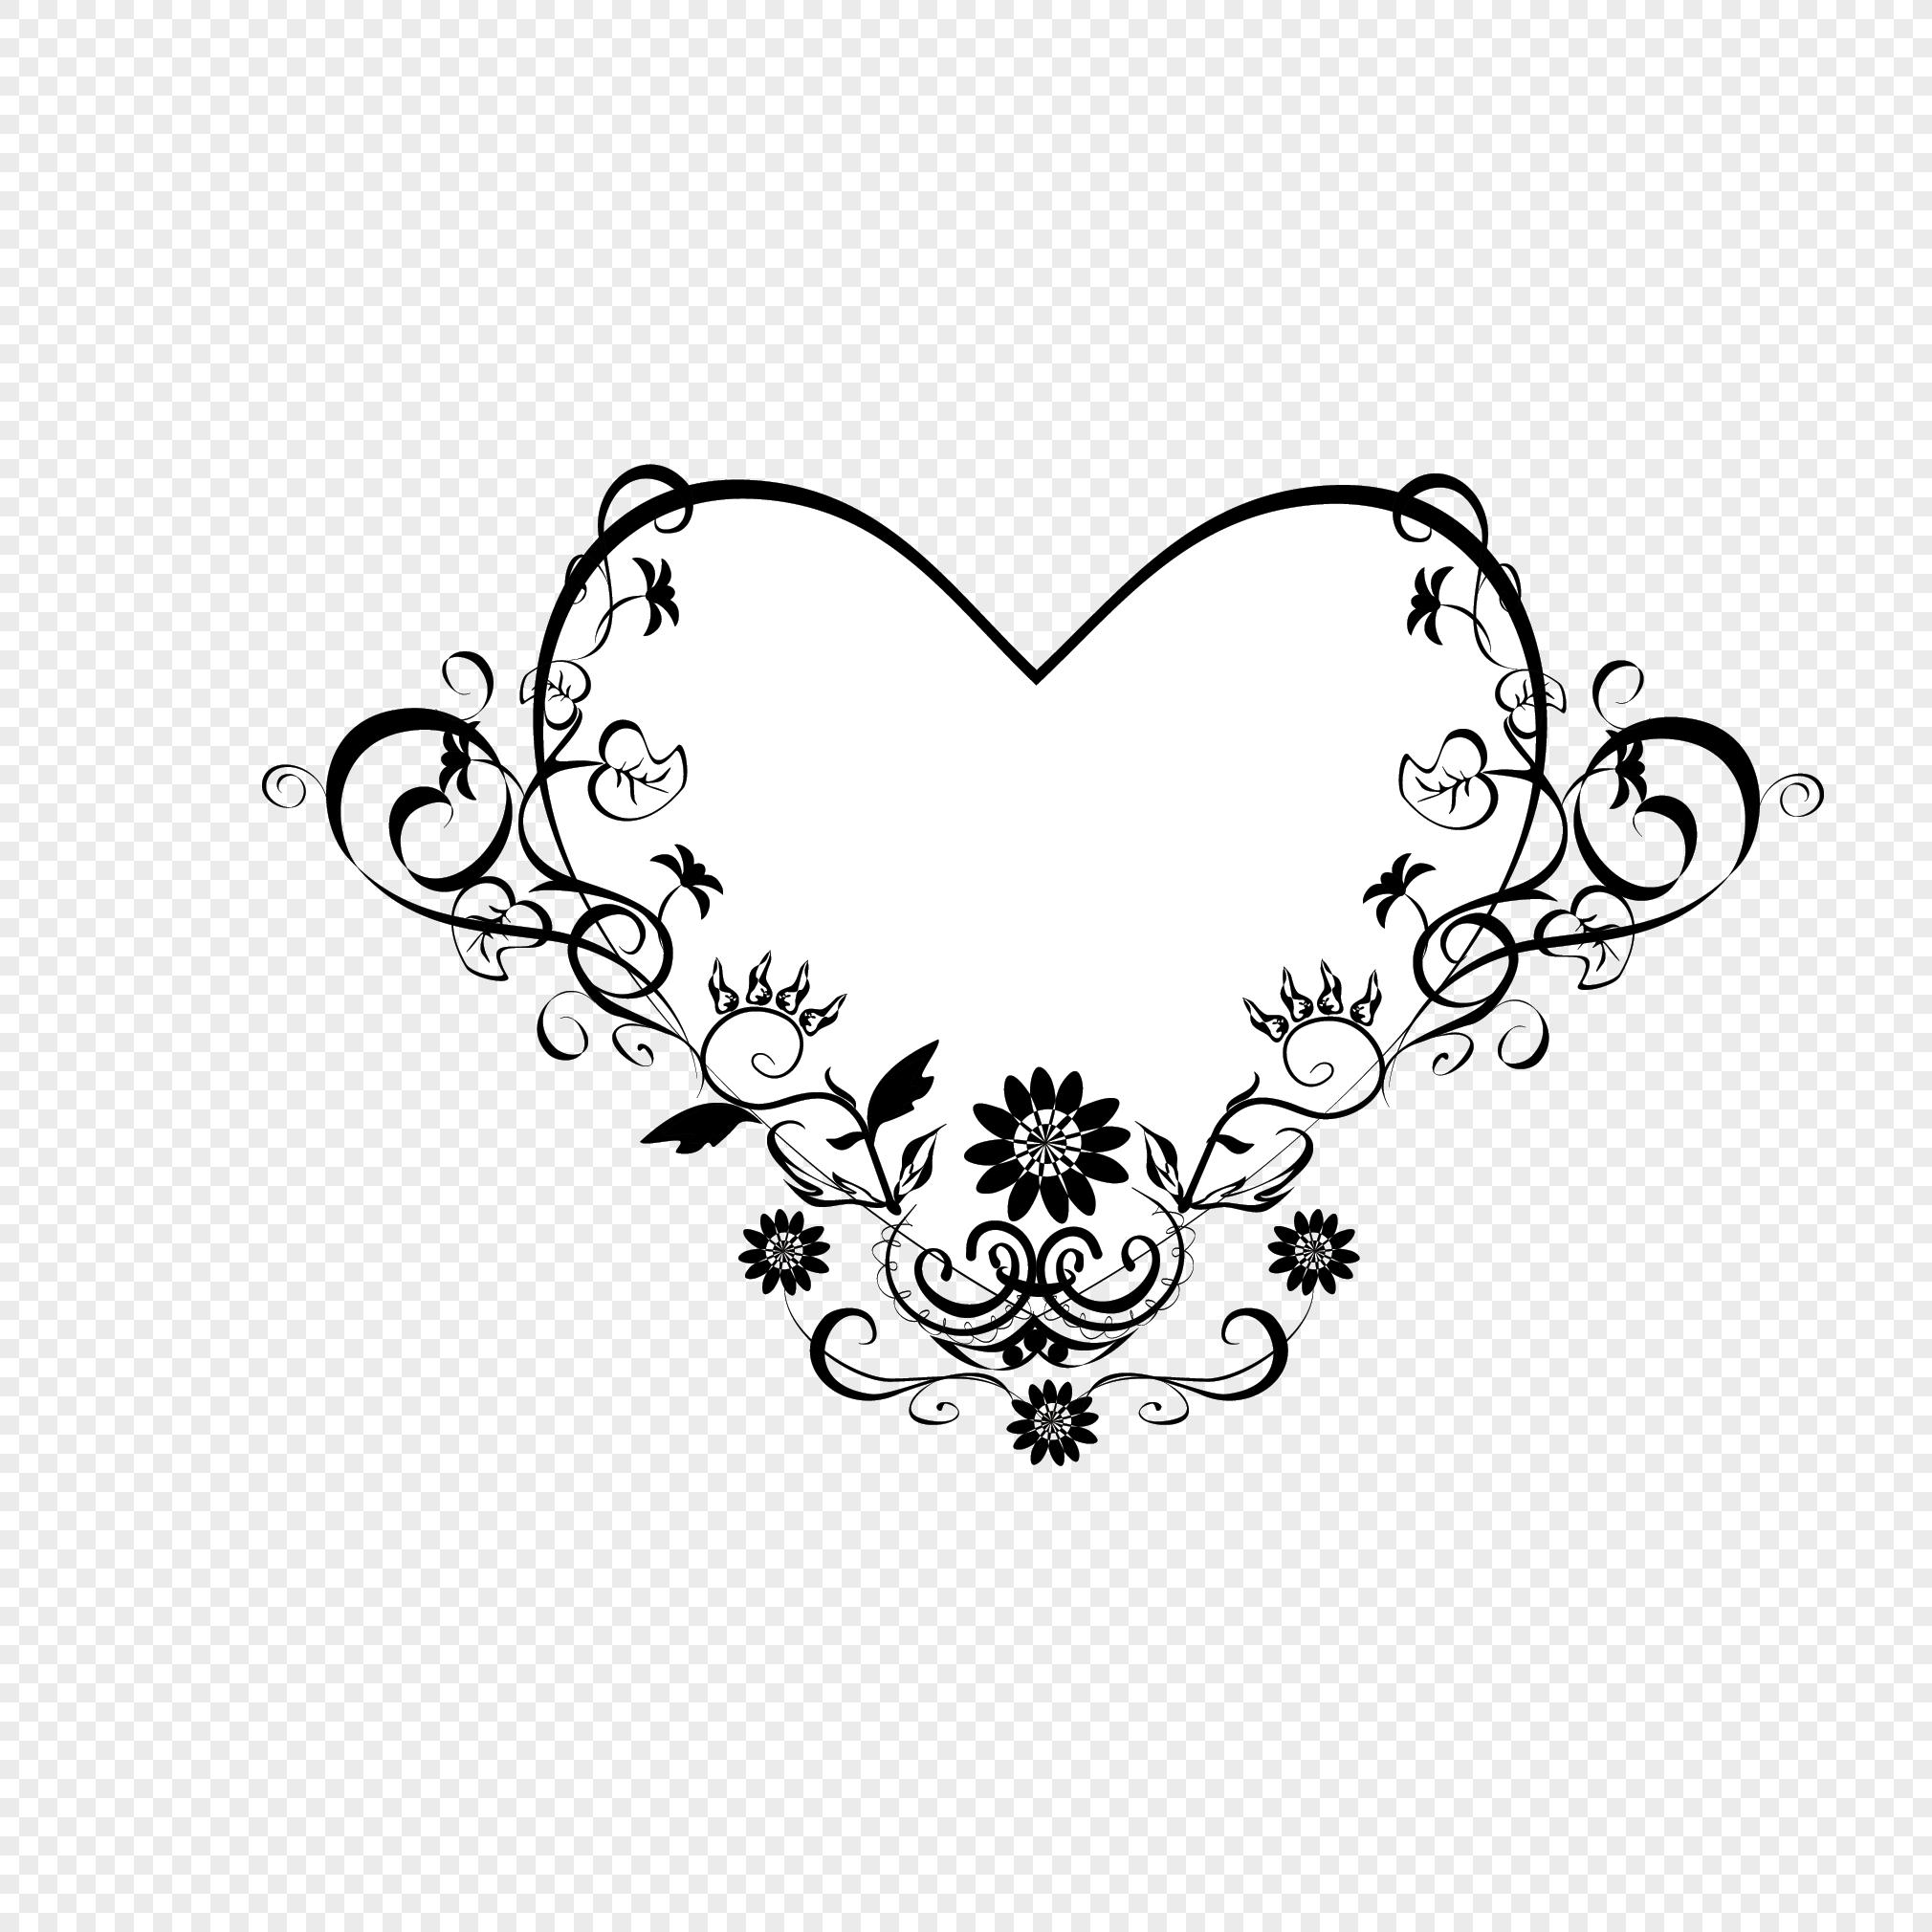 En Forma De Corazón Blanco Y Negro Decorativos Guirnalda Patrón